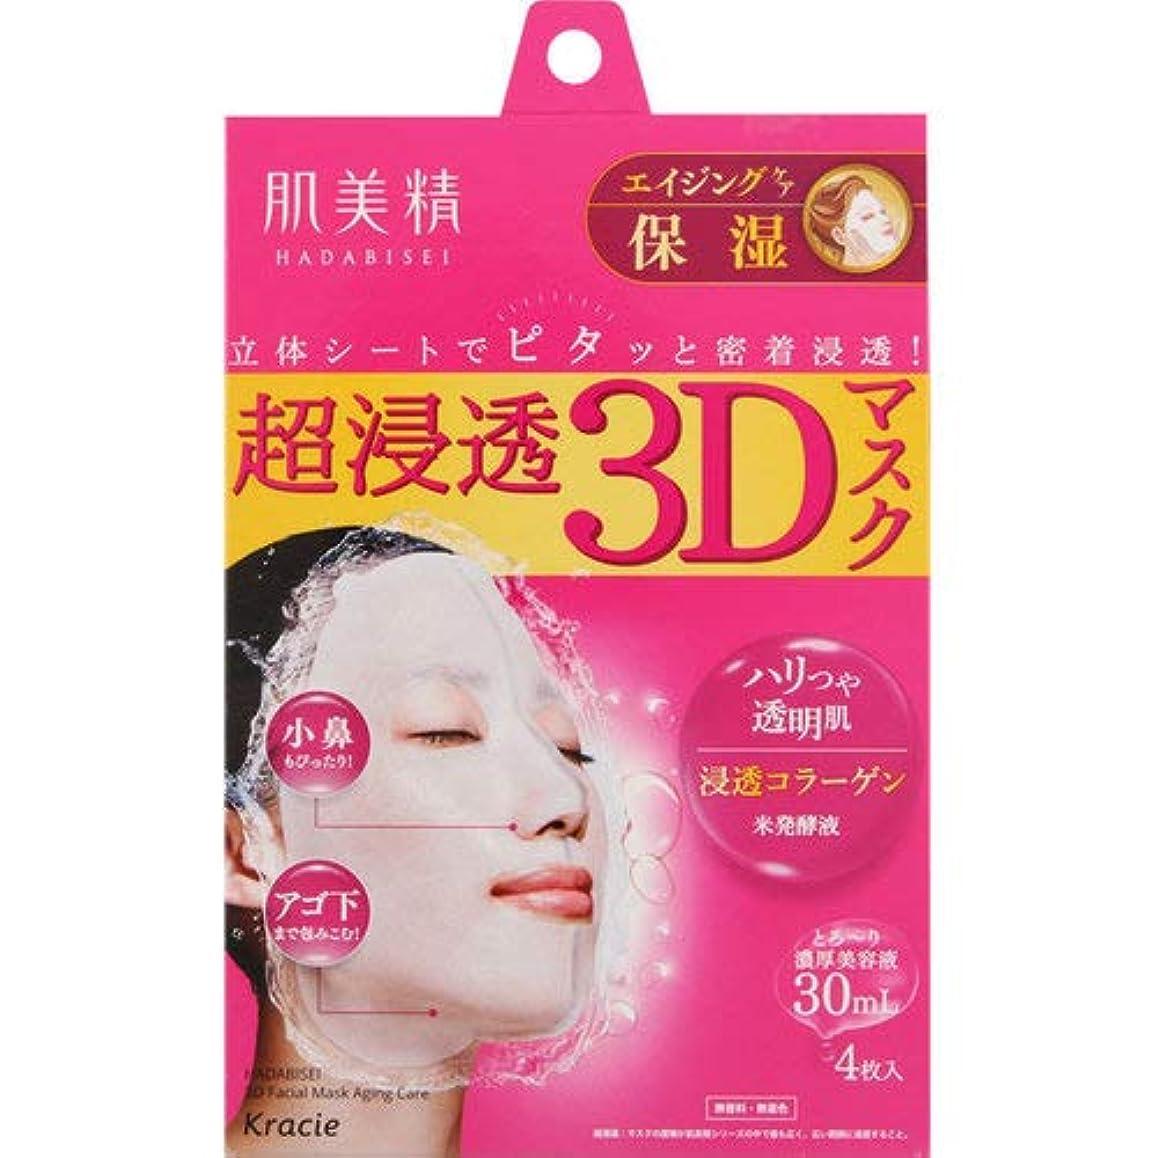 発行再編成する肉肌美精 超浸透3Dマスク (エイジング保湿) 4枚